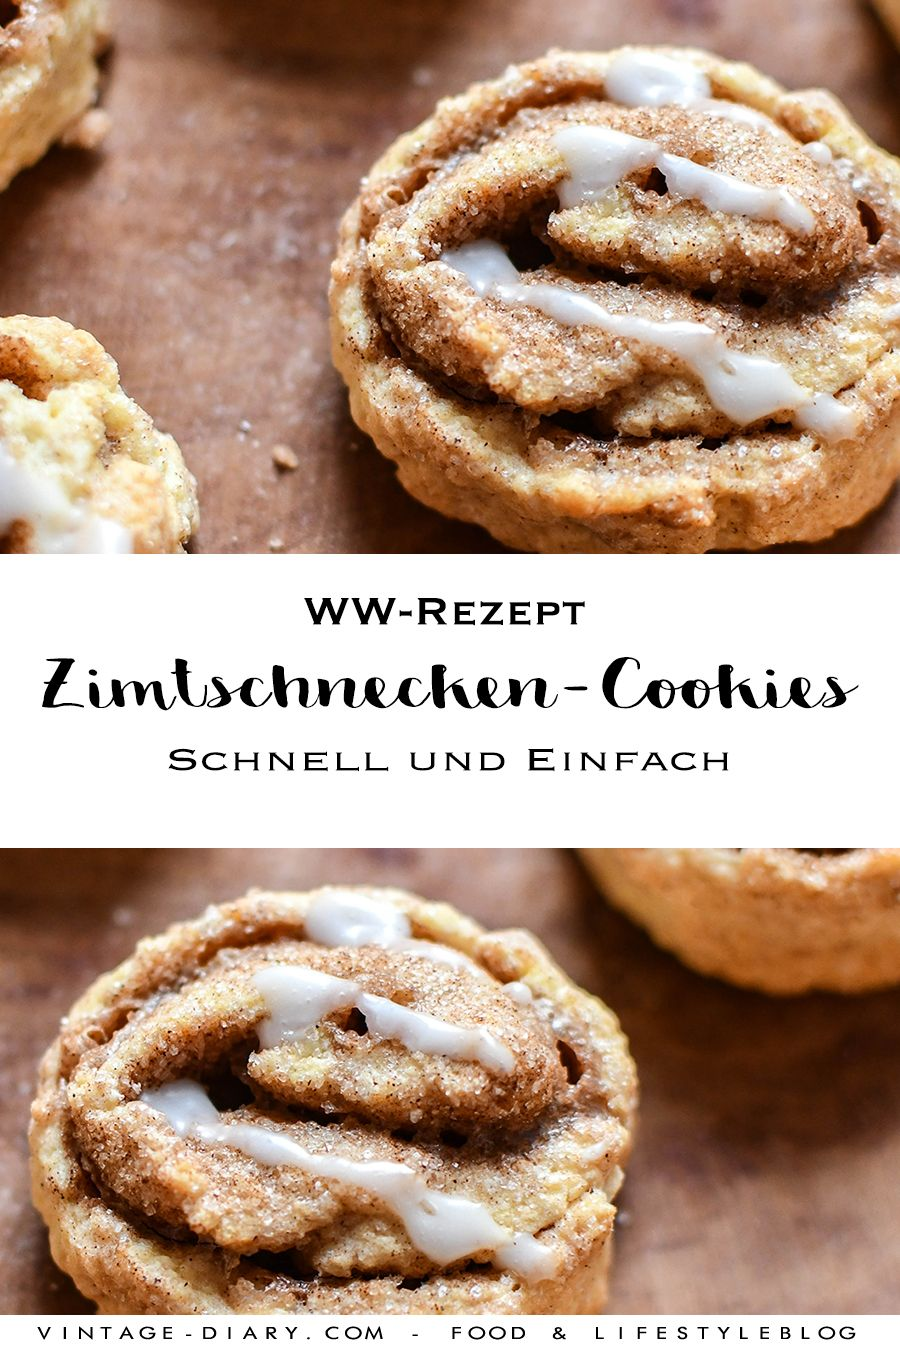 WW Rezept: Zimtschnecken-Cookies - vintage-diary